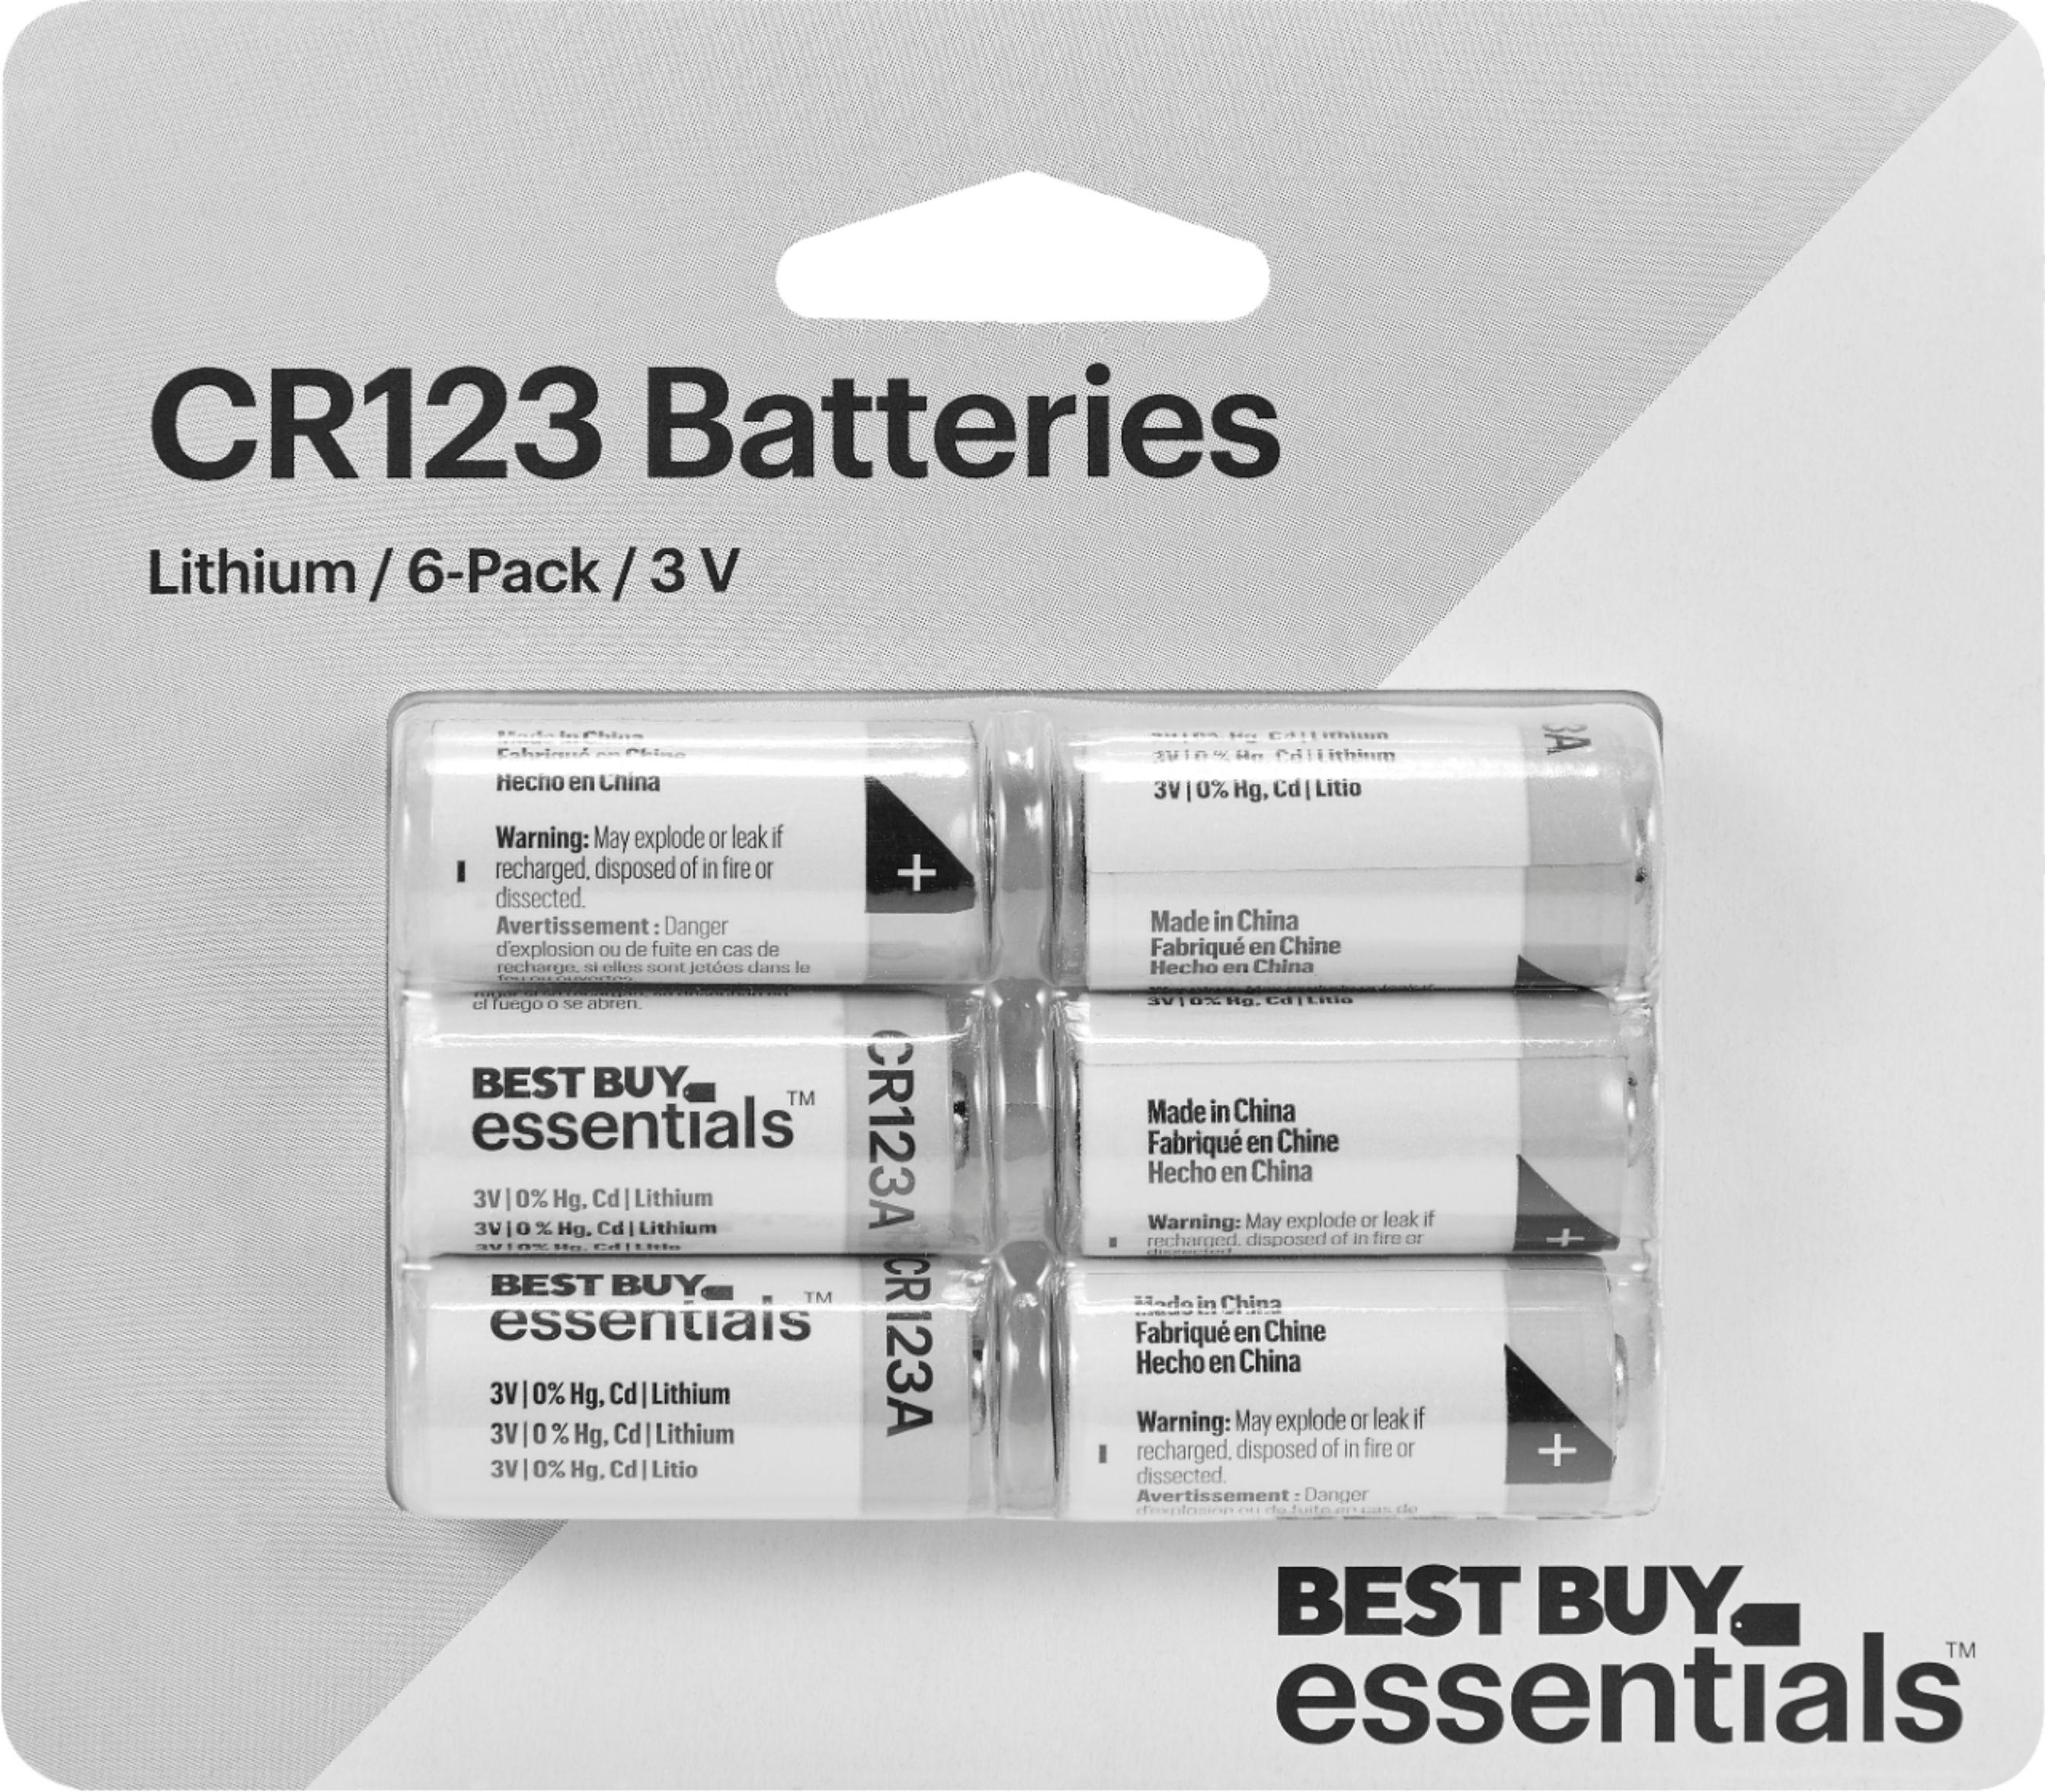 Best Buy Essentials CR123 Lithium Batteries 6-Pack $8.99 @ Best Buy